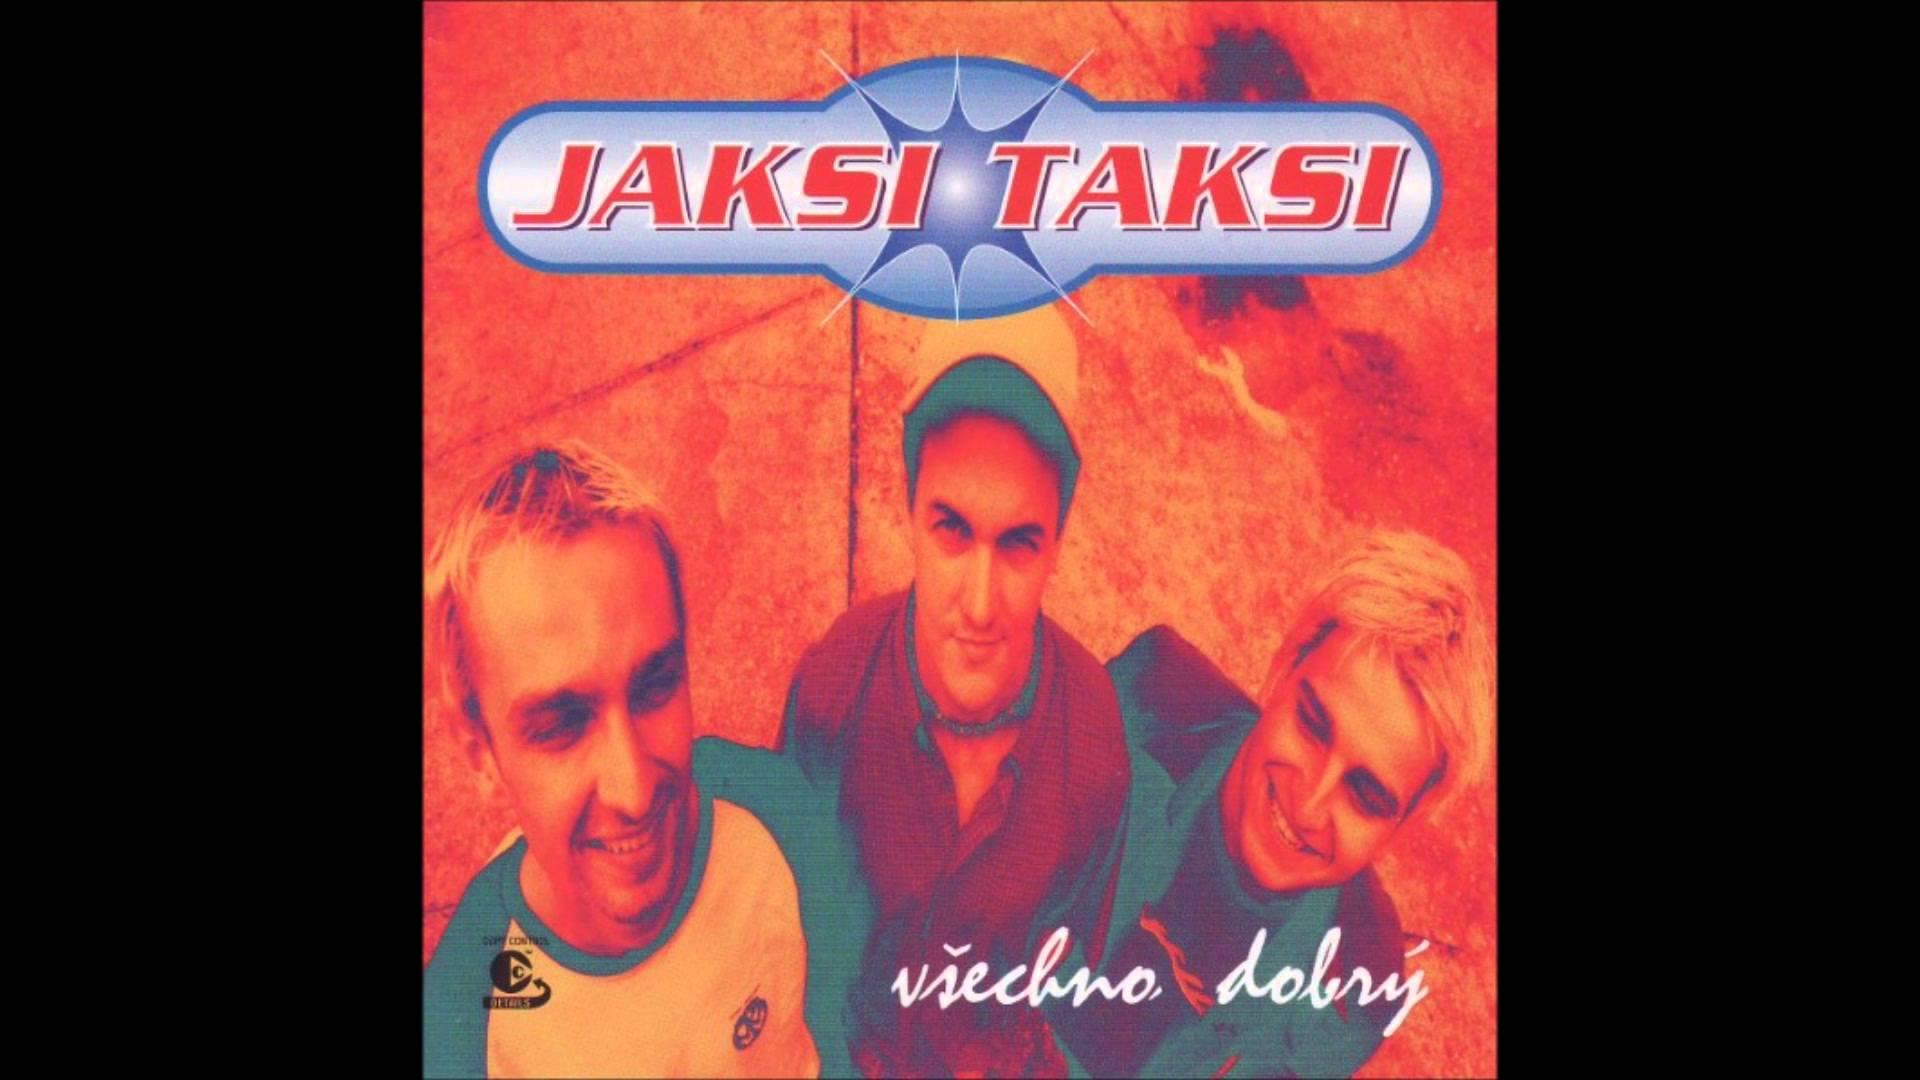 Jaksi Taksi - VADÍ NEVADÍ - album Všechno dobrý, 2004